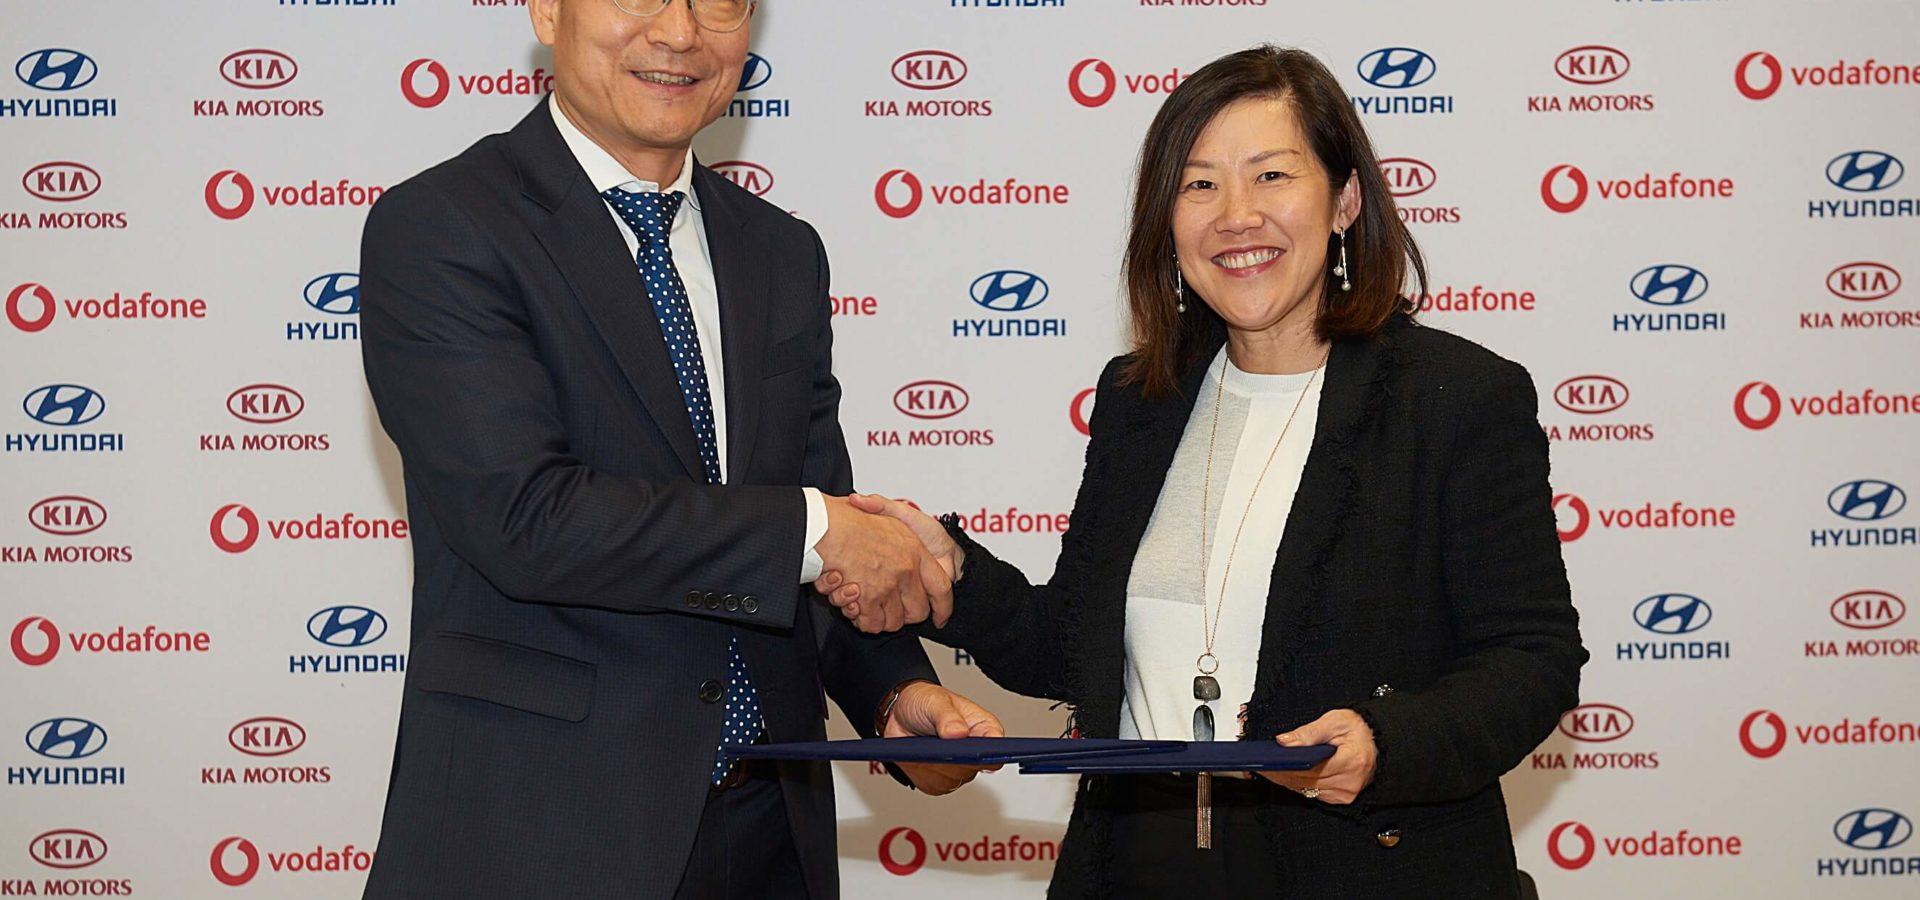 Hyundai und Kia mit Vodafone